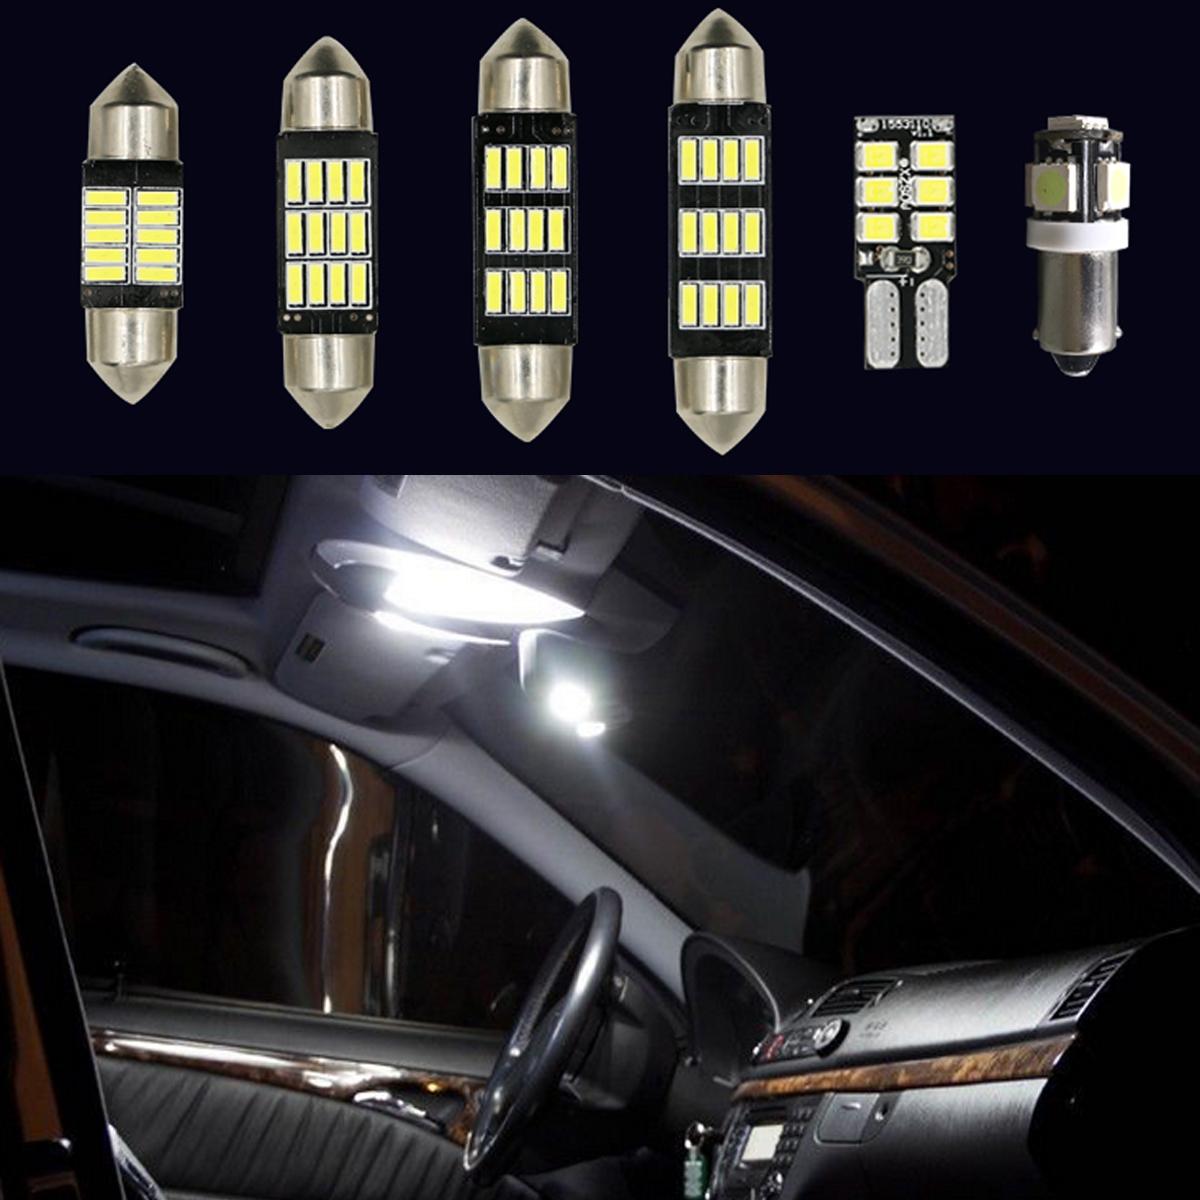 U 13Pcs Voiture Intérieur Ampoule LED Pour VW Golf6 MK6 GTI 2010 ...